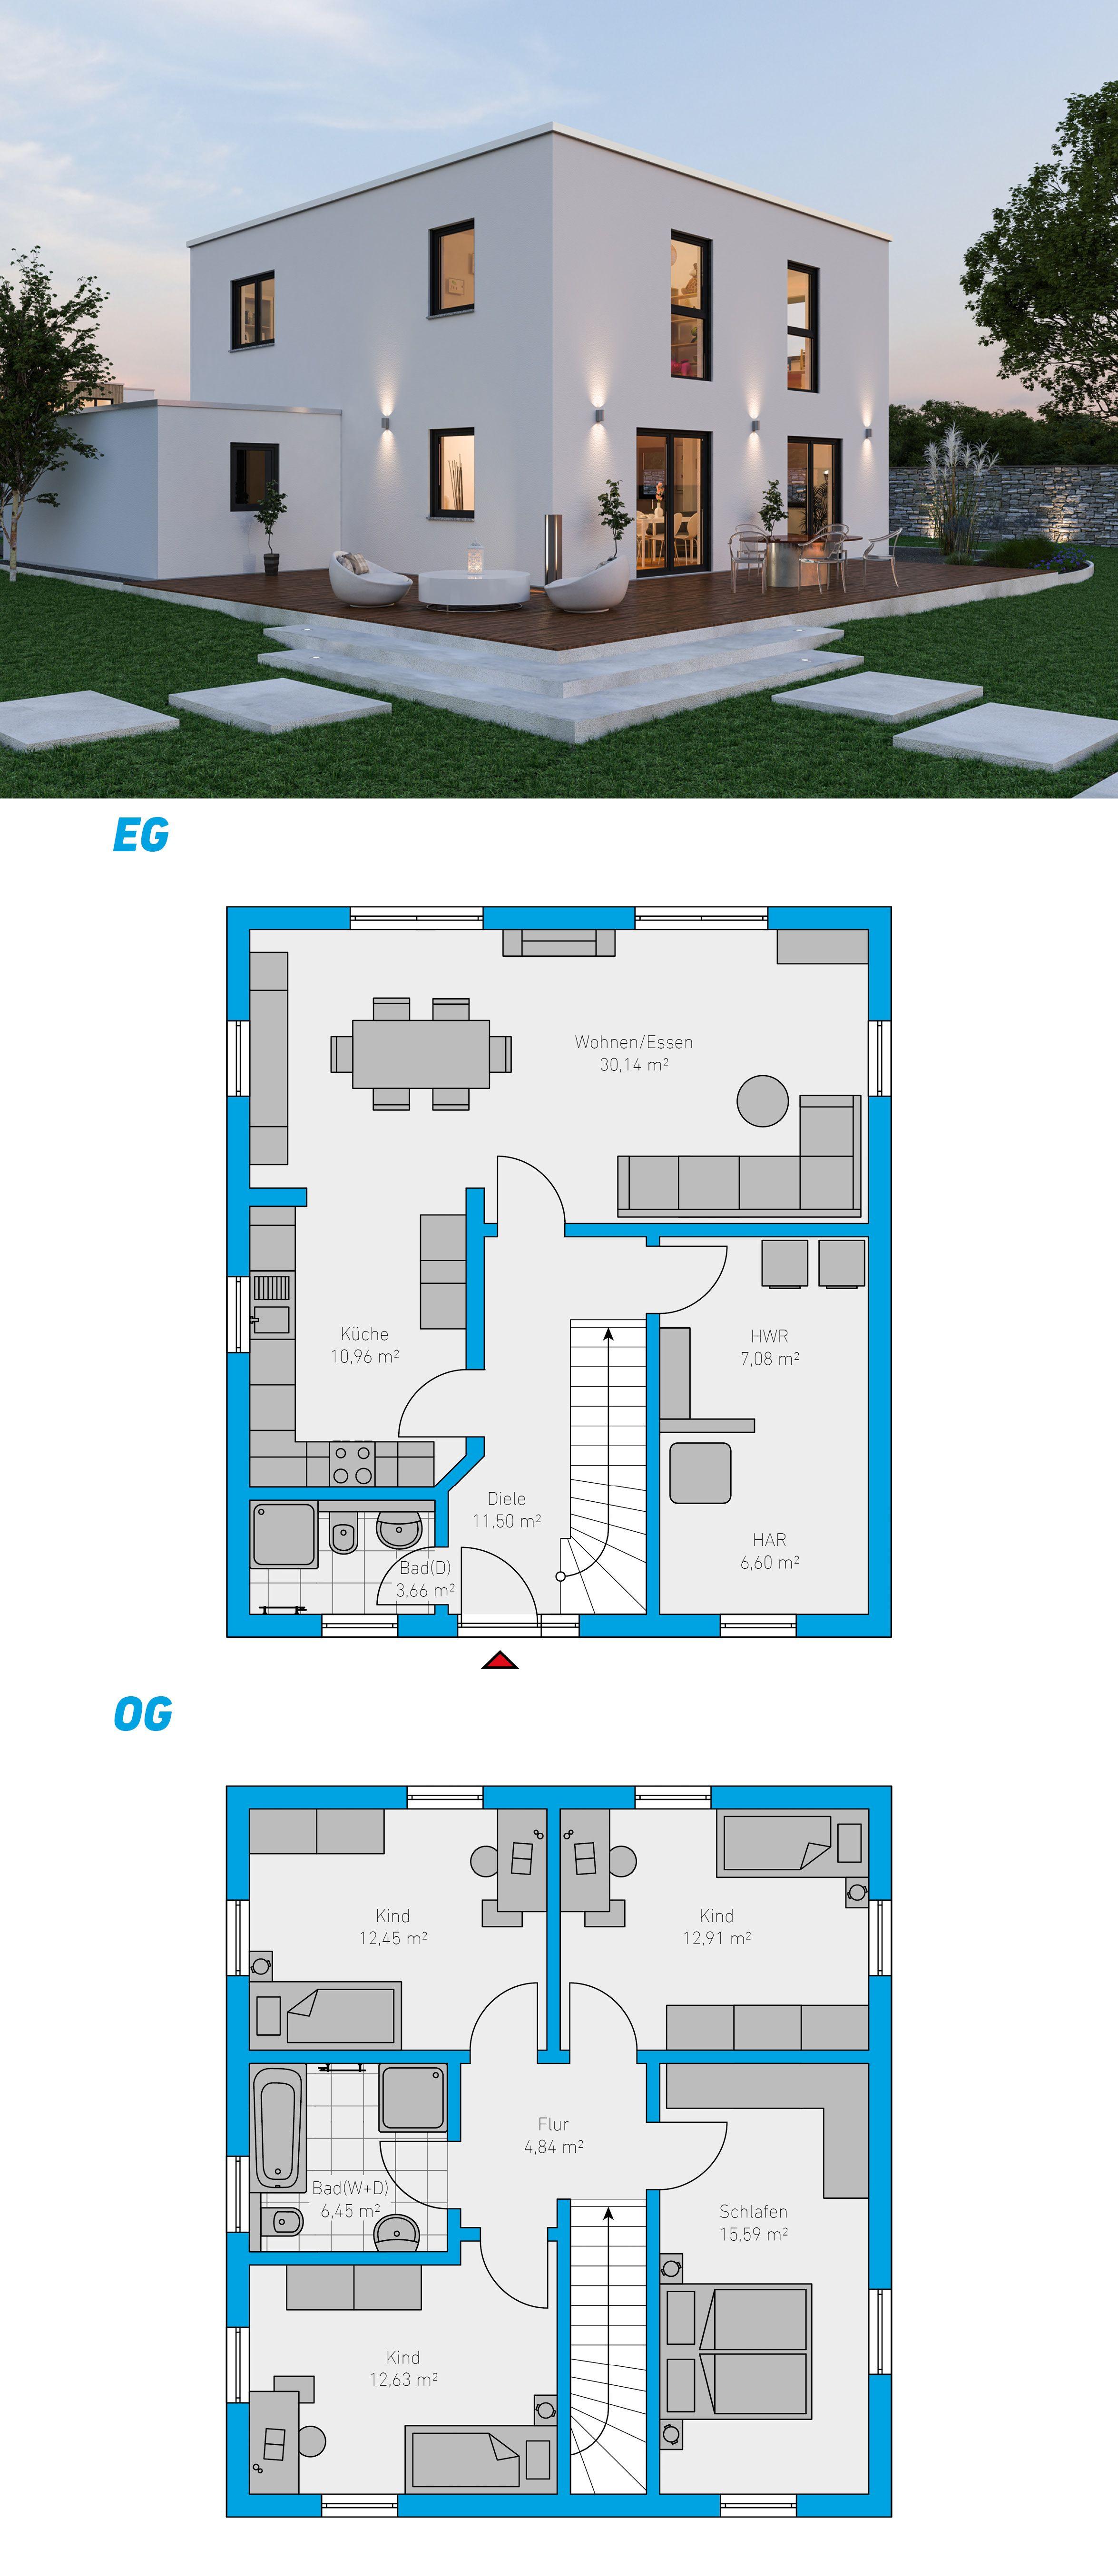 Alea 135 Schlusselfertiges Massivhaus 2 Geschossig Spektralhaus Ingutenwanden 2geschossig Grundriss Hausbau Massivhaus Haus Architektur Haus Plane Haus